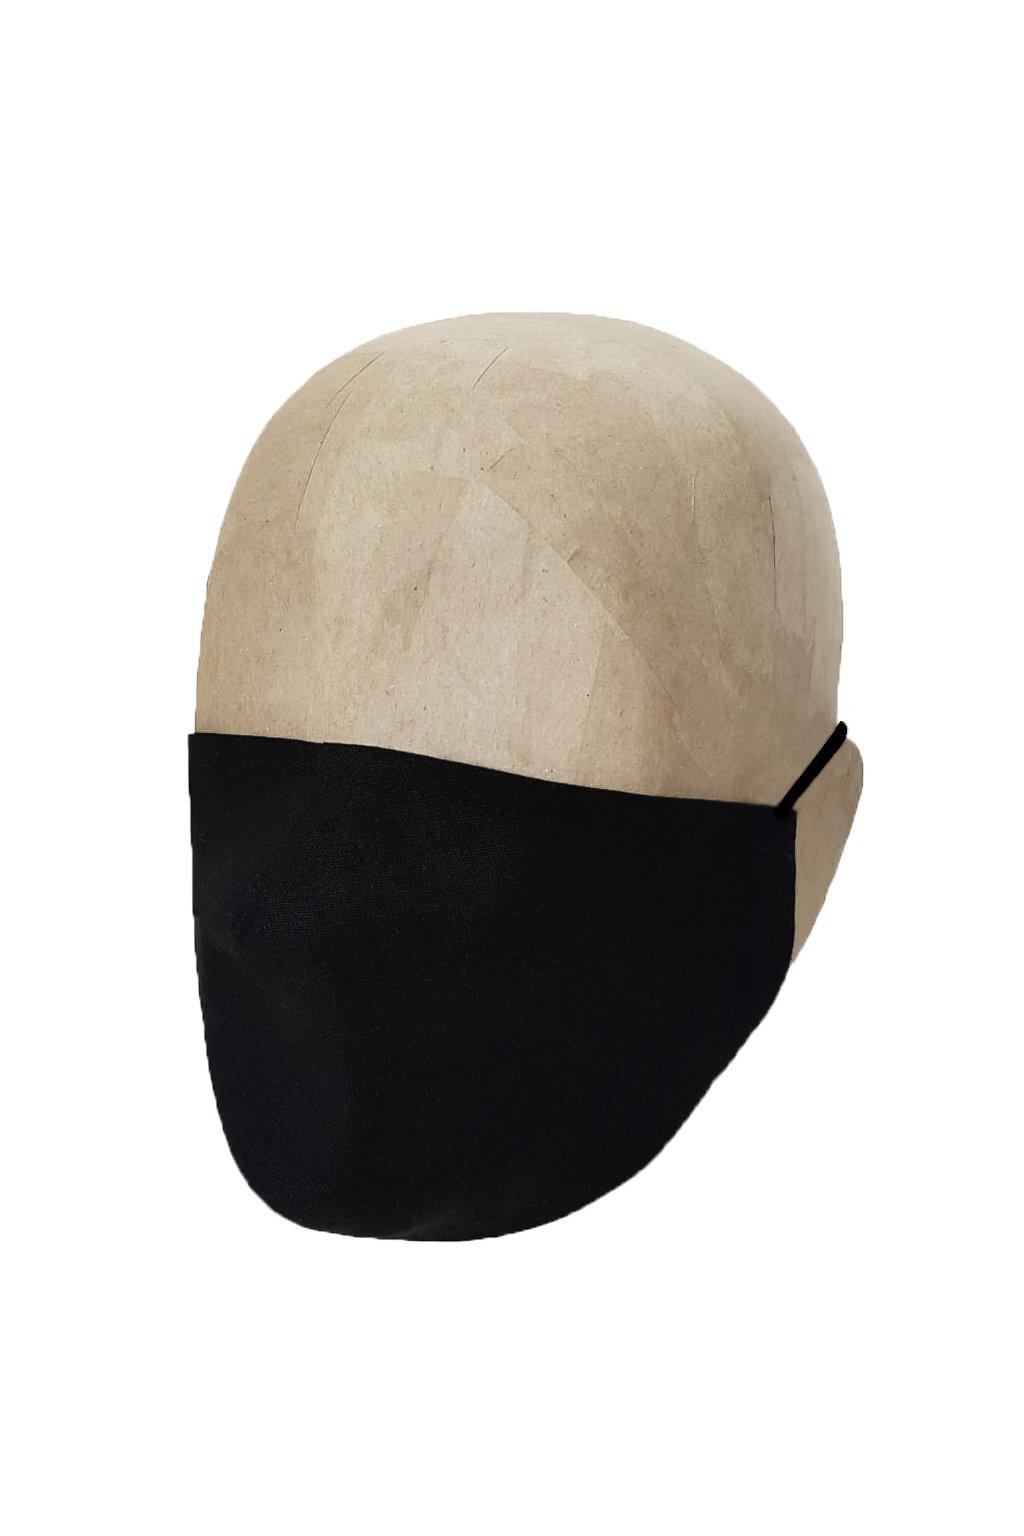 Rúško ČIERNE z bavlneného úpletu s iónmi striebra UNISEX AA